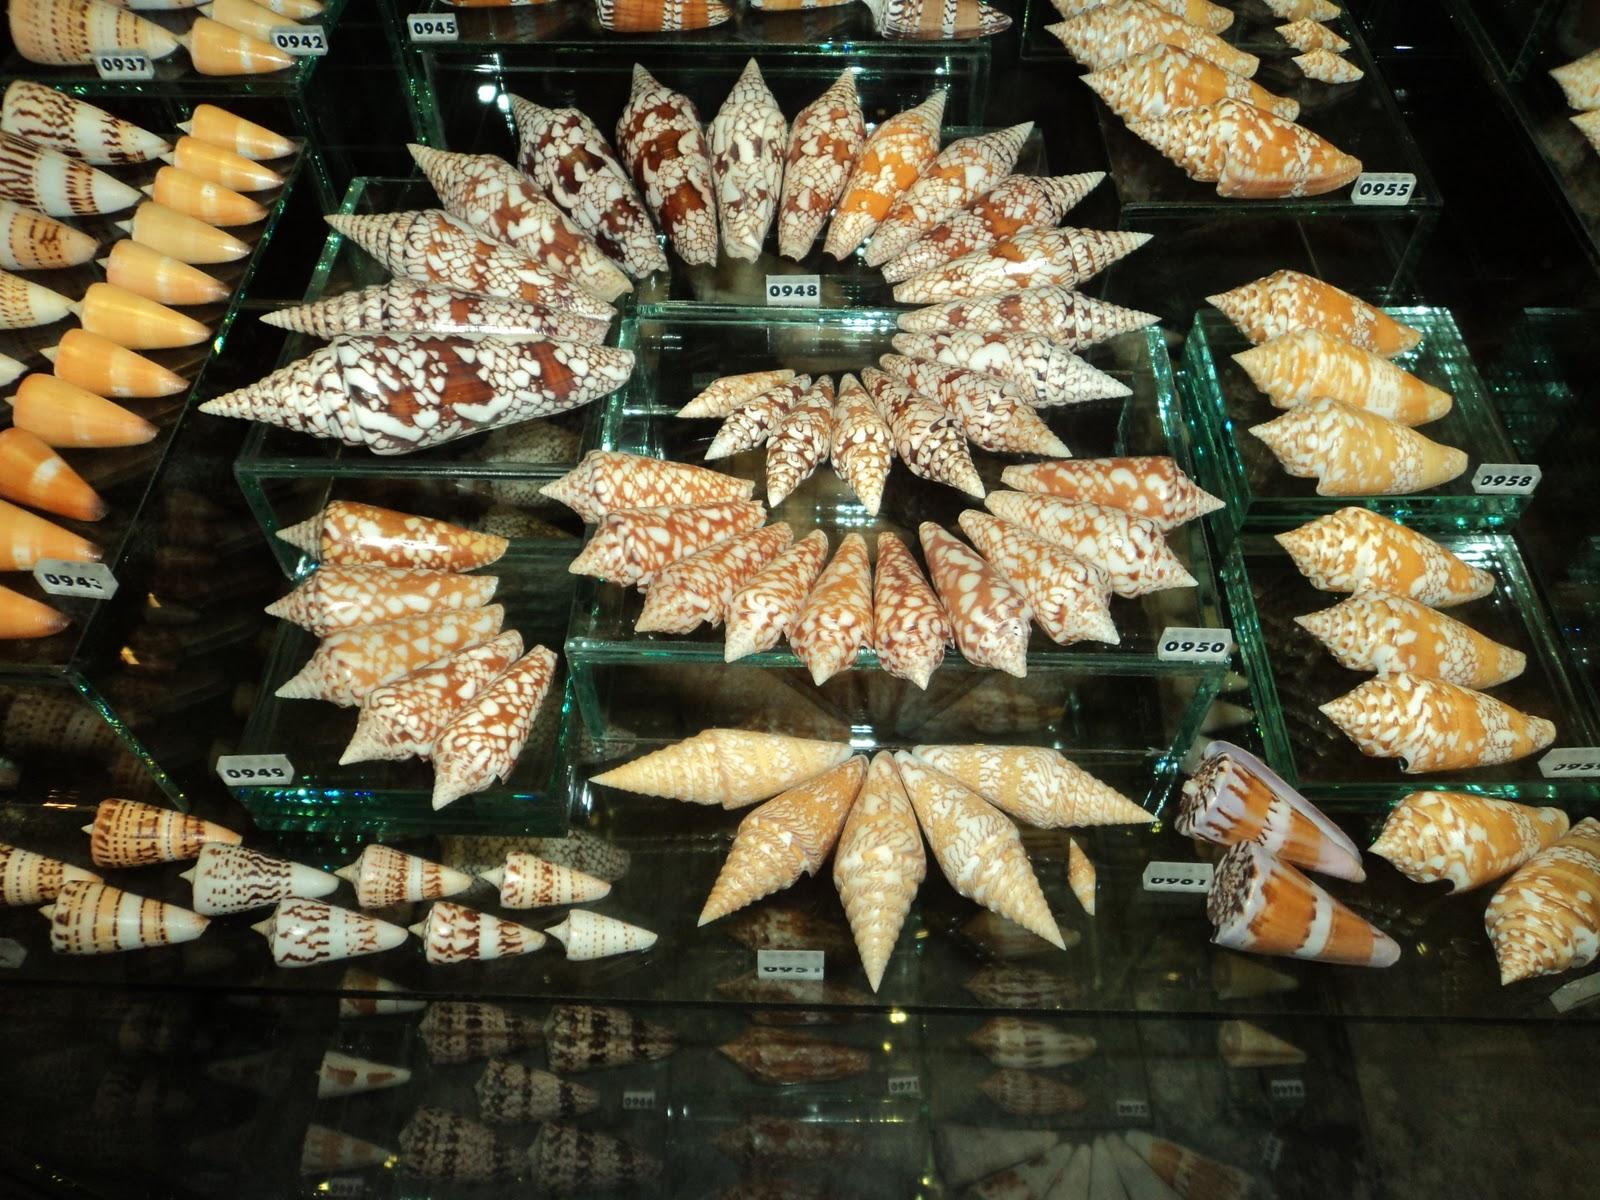 Musée de Patong à Phuket Thailande - Page 3 DSC00297